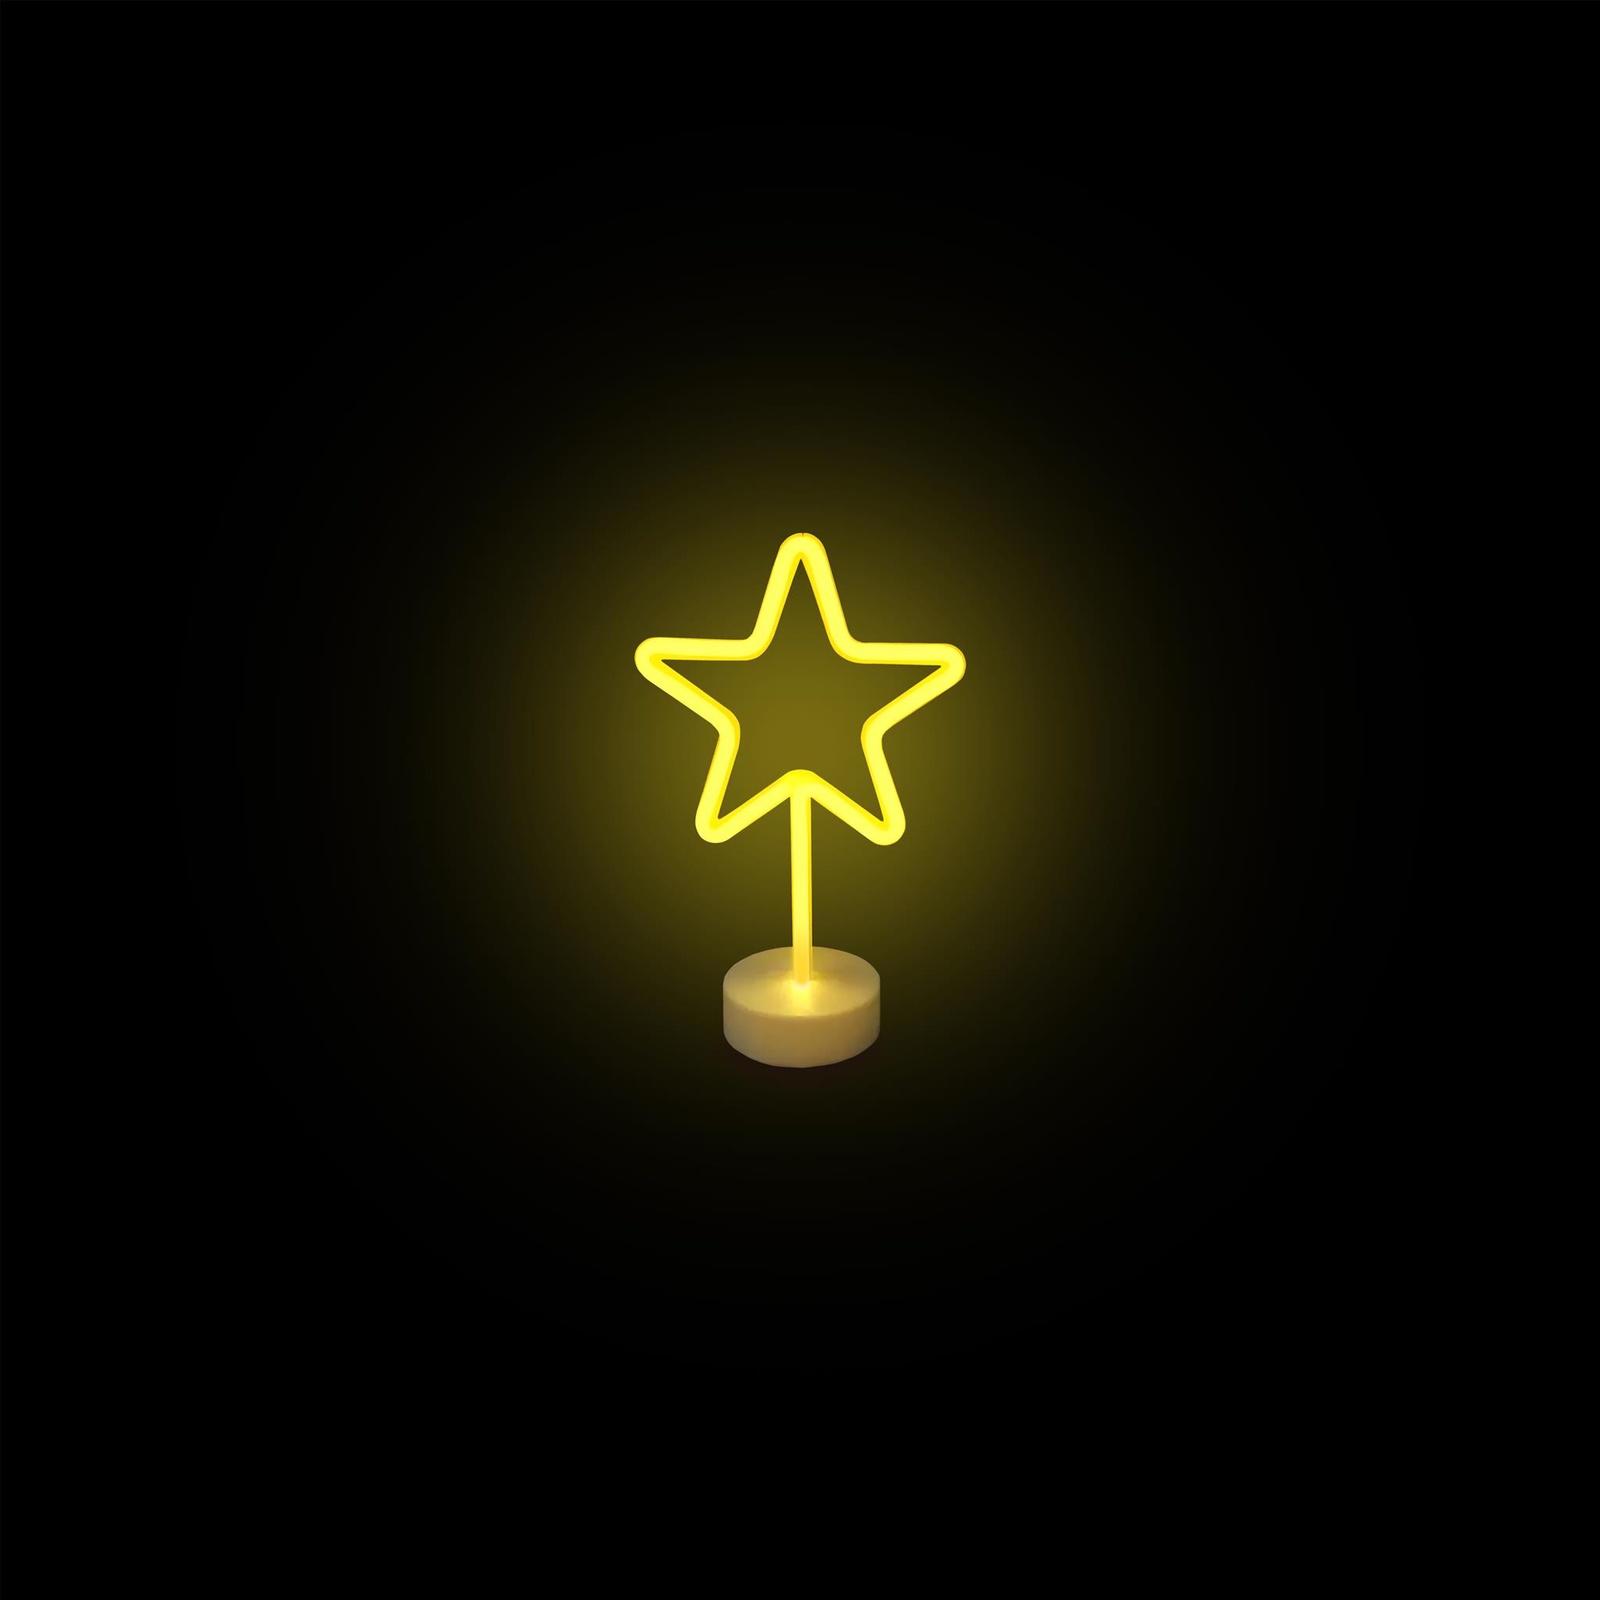 Декоративный светильник APEYRON electrics Звезда светодиодный неоновый светильник apeyron electrics фламинго